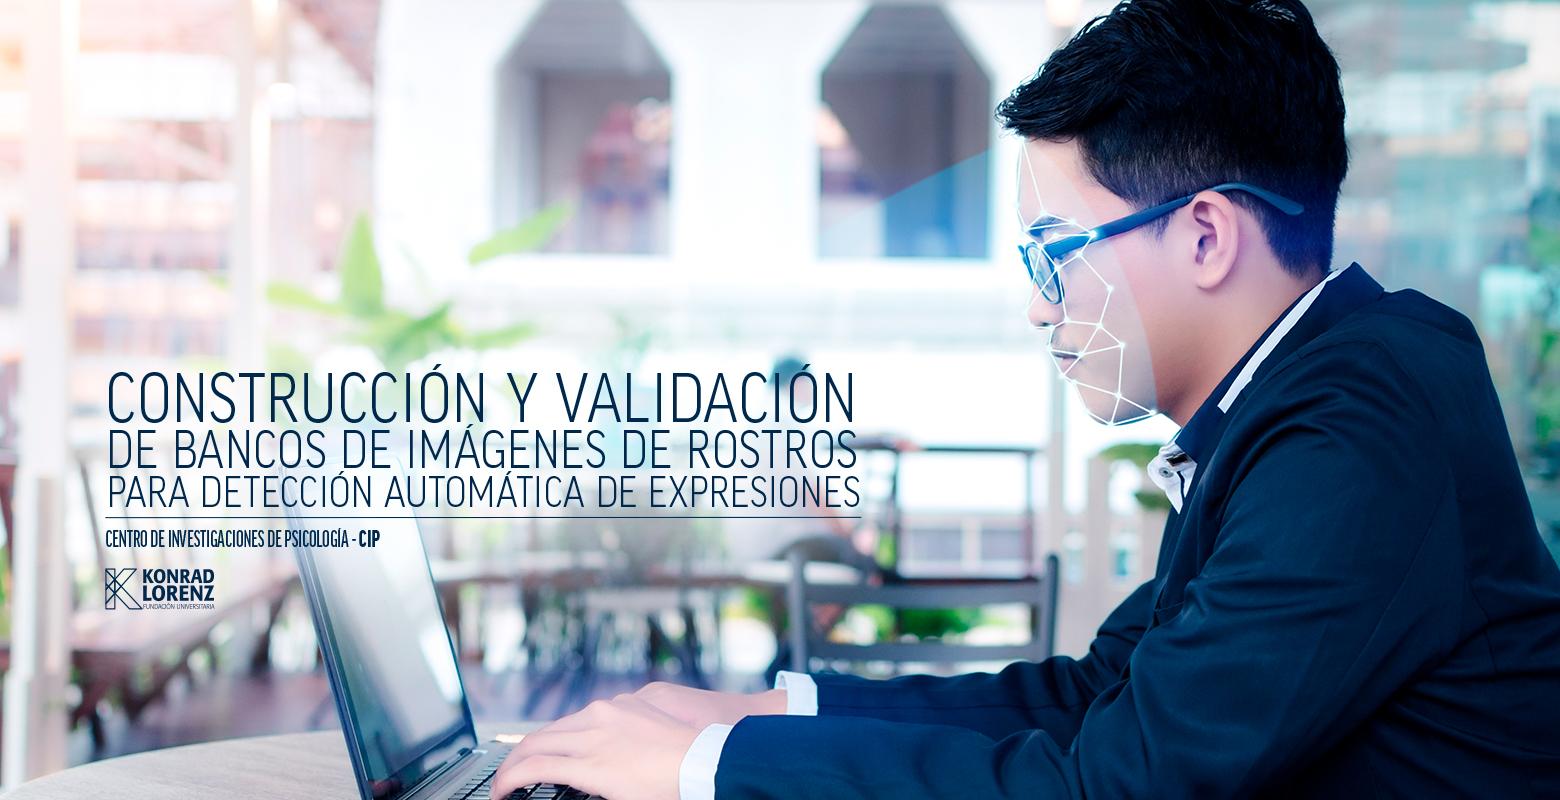 Construcción y validación de bancos de imágenes de rostros para la detección automática de expresiones facionales